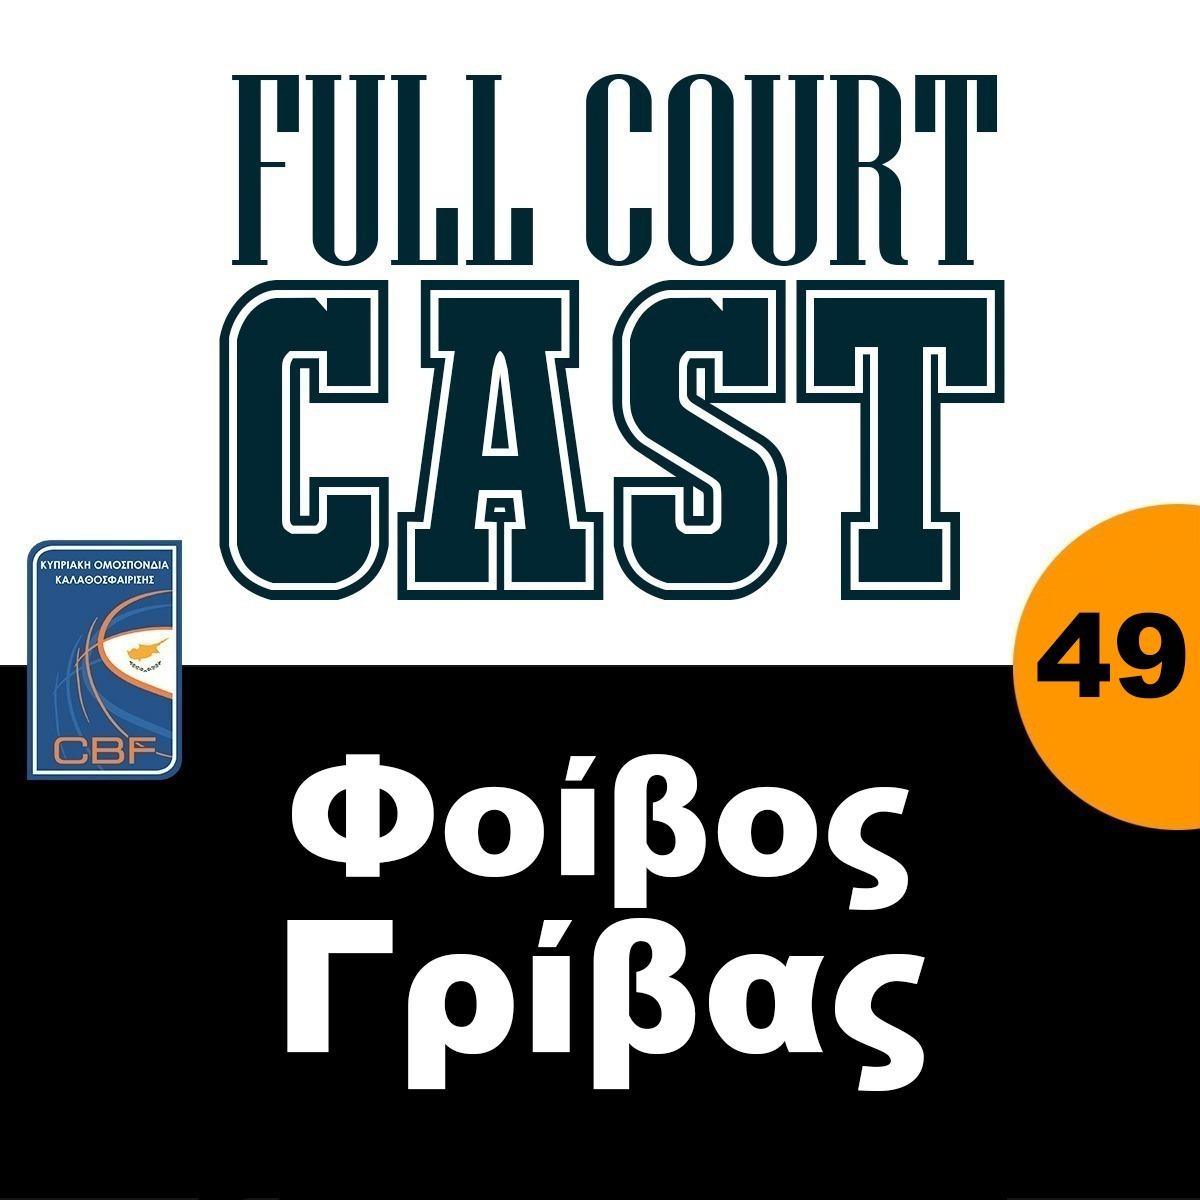 49 - Φοίβος Γρίβας / E-Sports